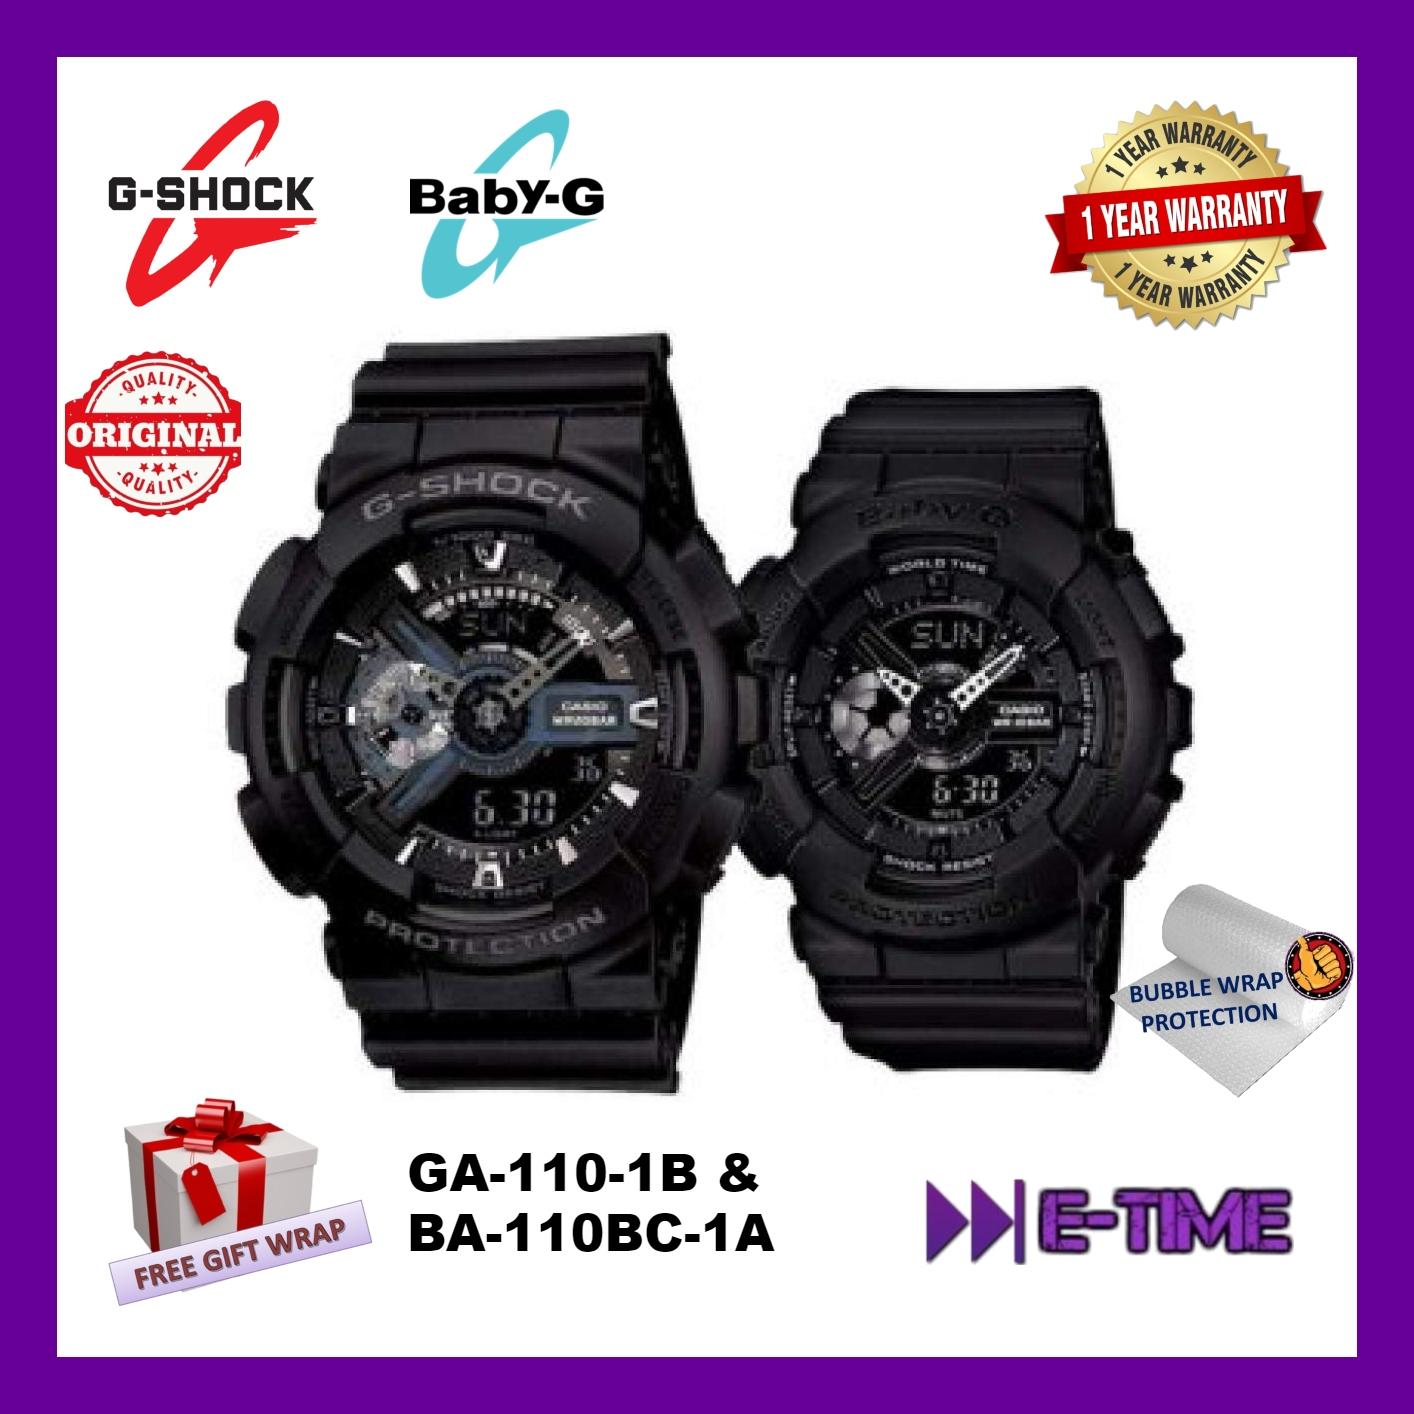 9a8067c7f9 CASIO ORIGINAL G-SHOCK/ BABY-G GA-110-1B/ BA-110BC-1A COUPLE SPORT WAT